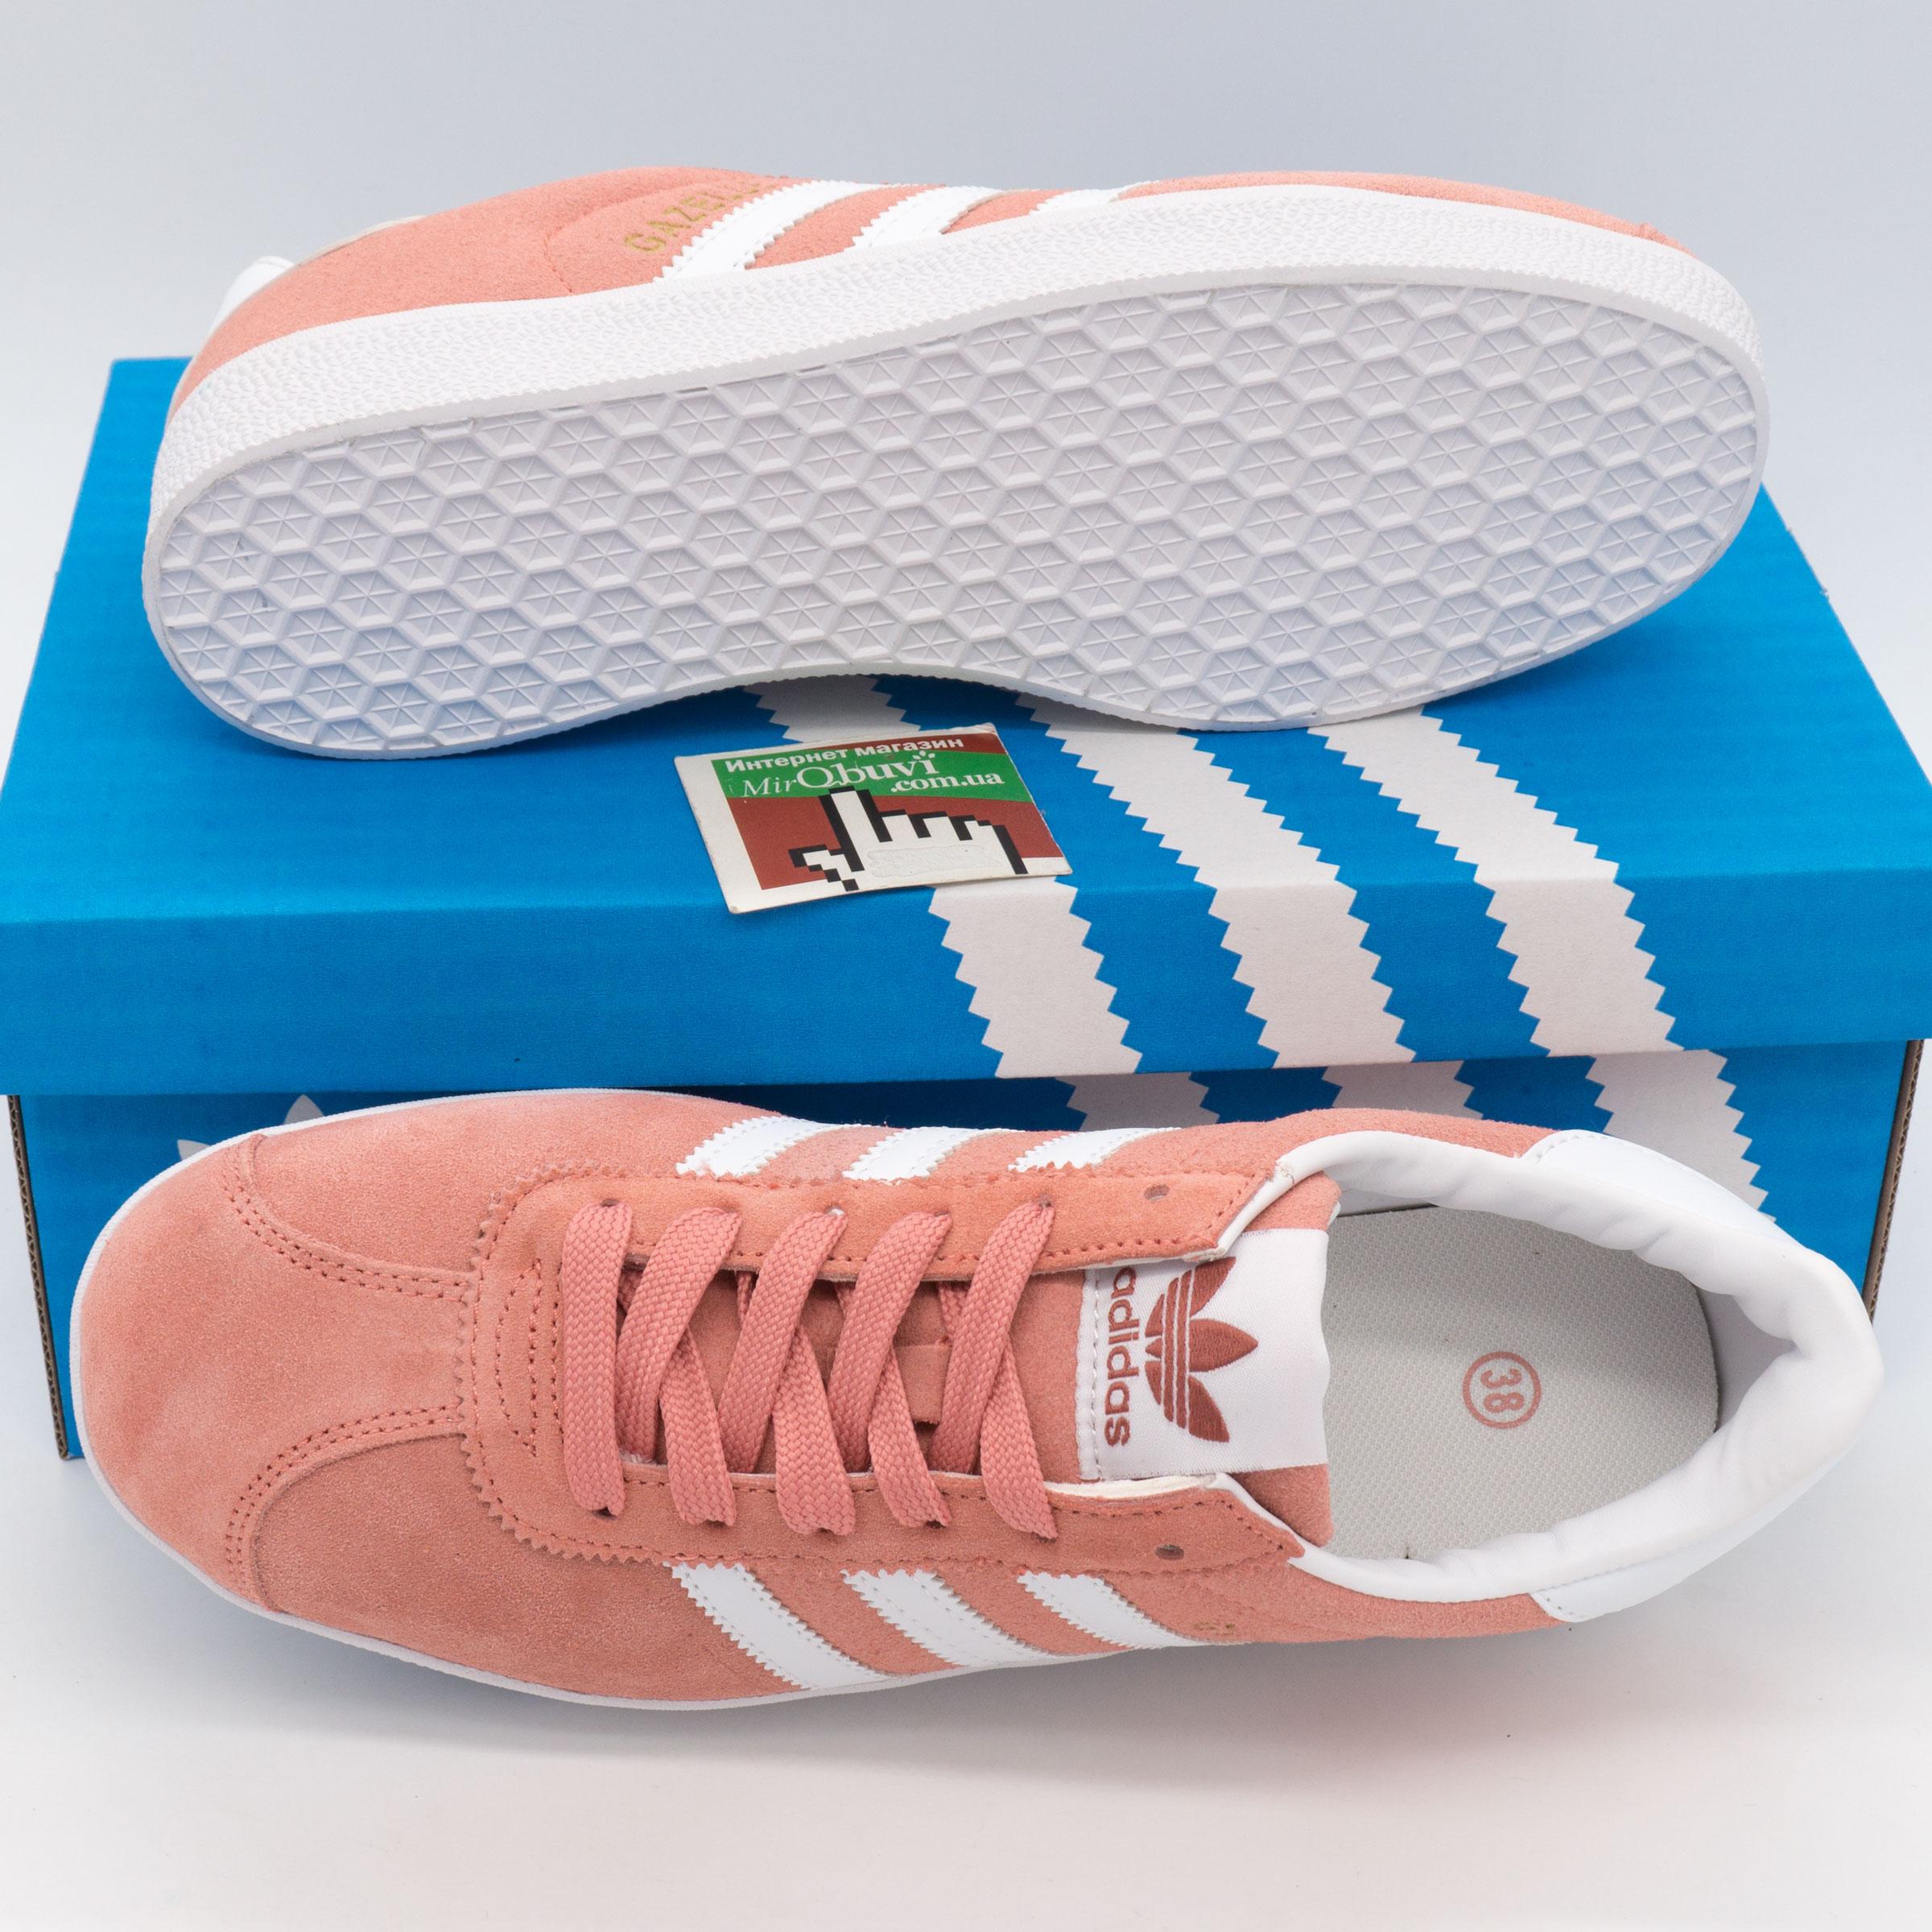 фото bottom Женские кроссовки Adidas Gazelle цвета персик, замша bottom